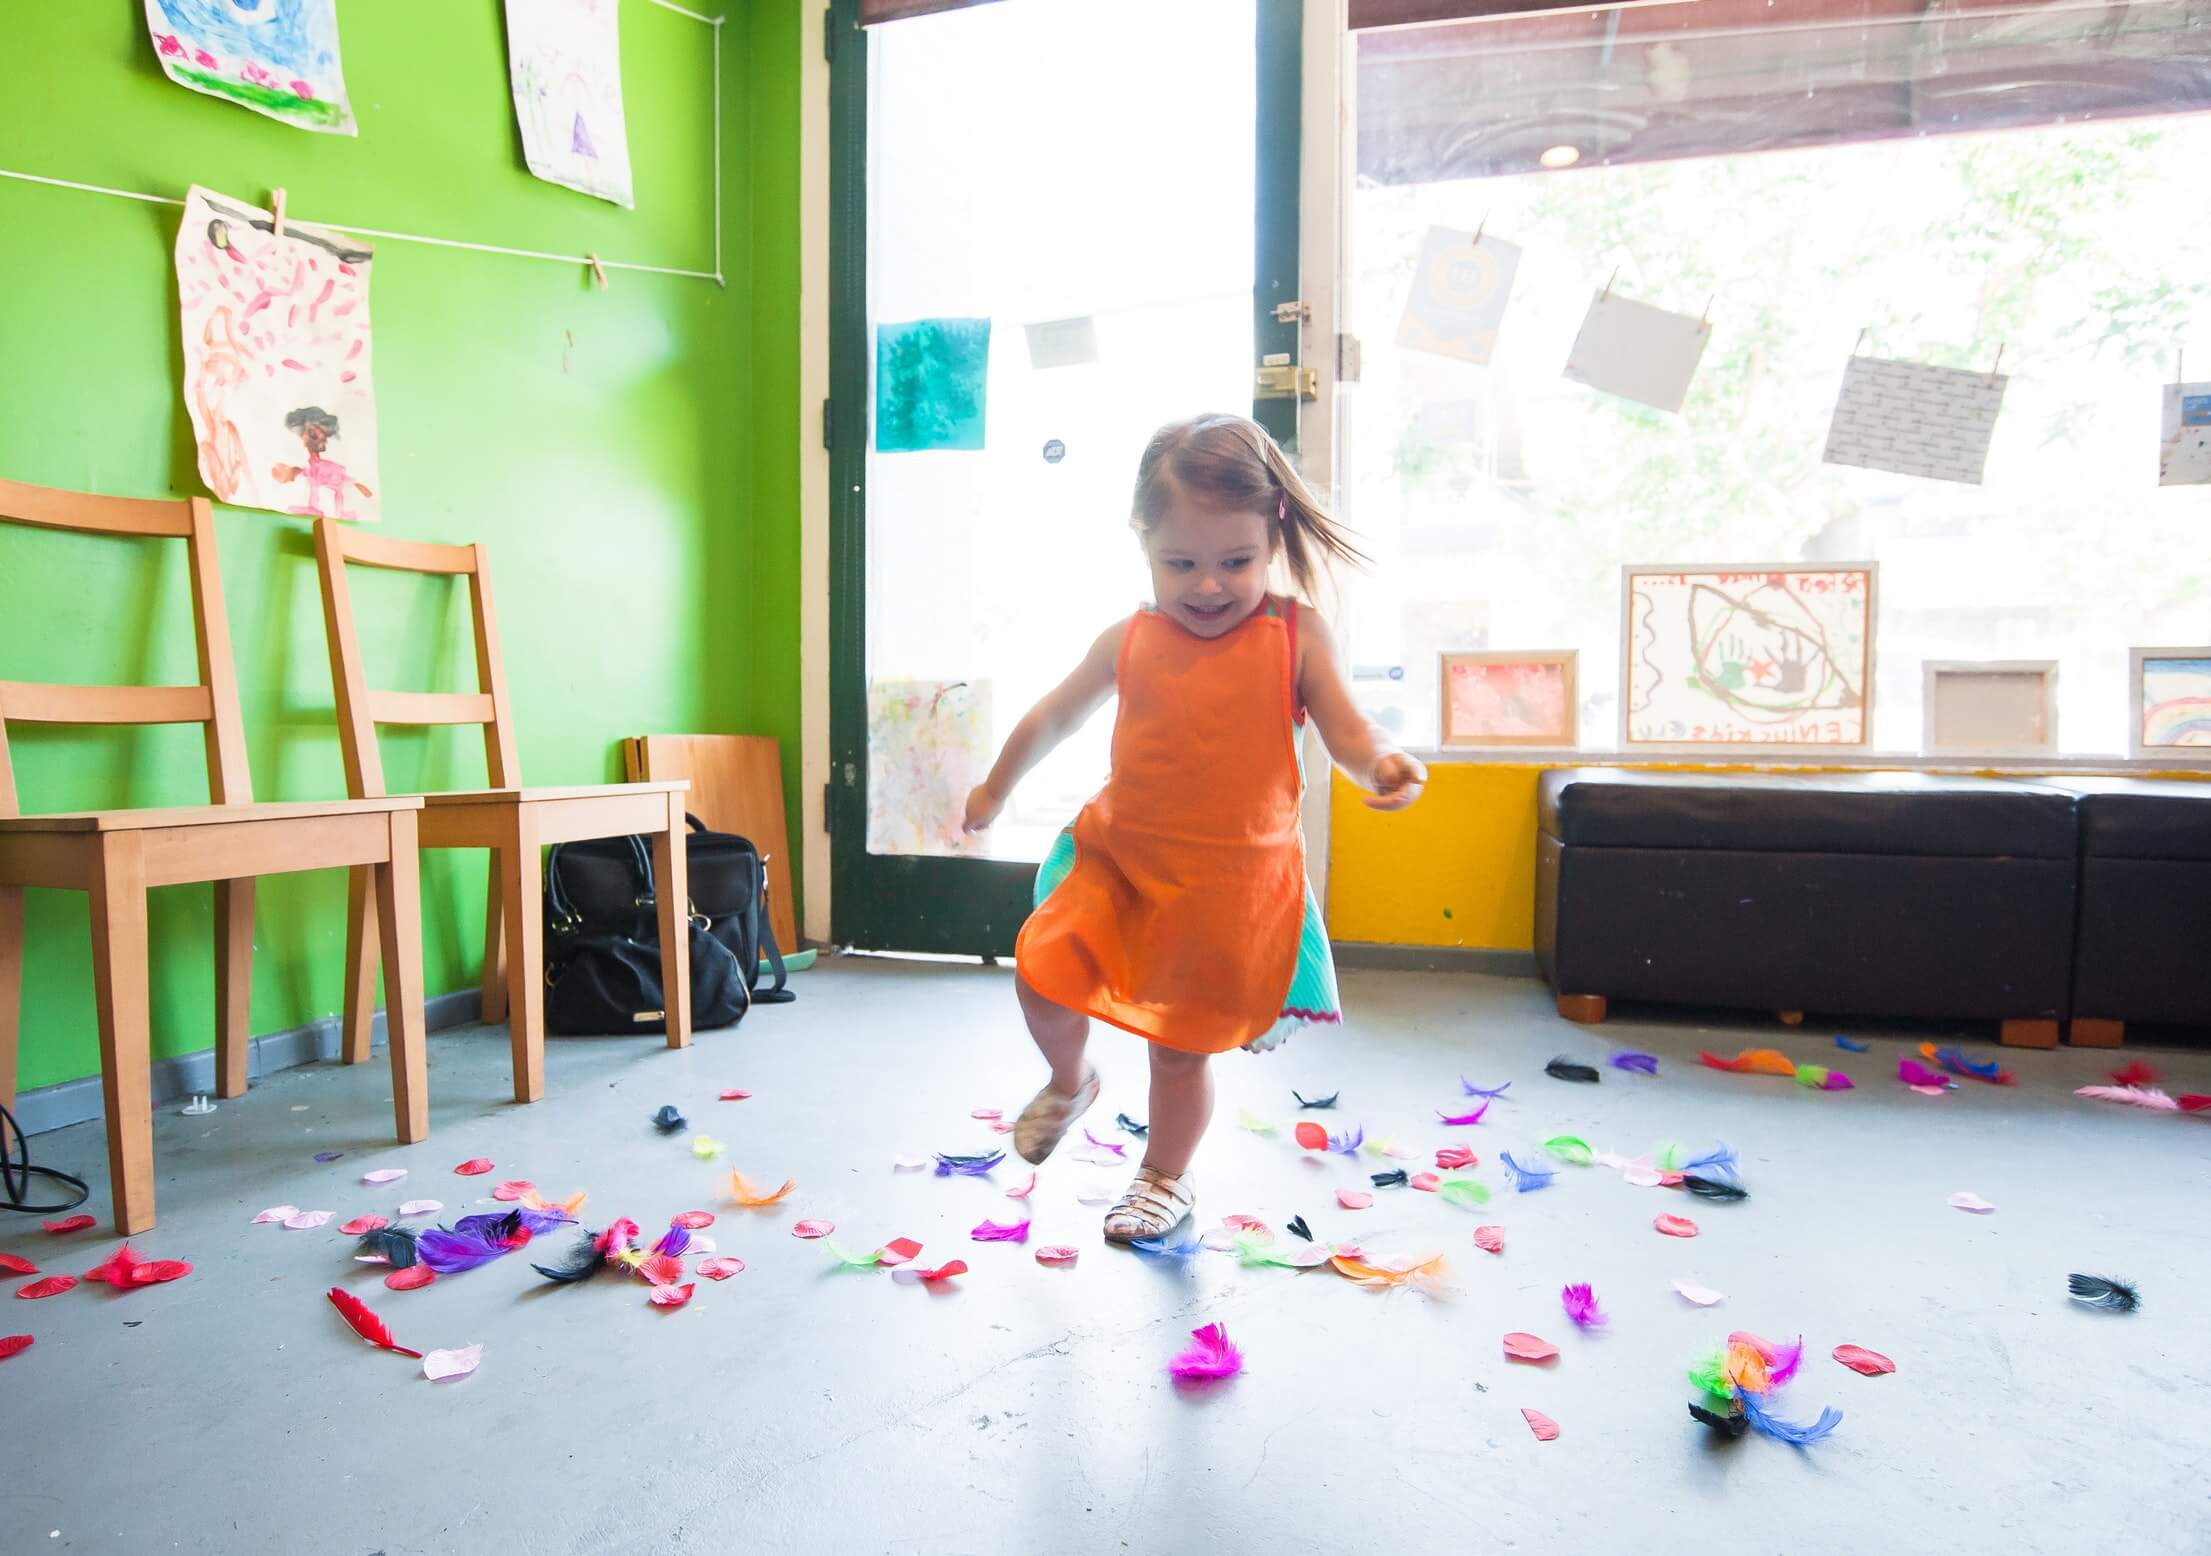 Prečo jazykovo vzdelávať deti od najútlejšieho veku?